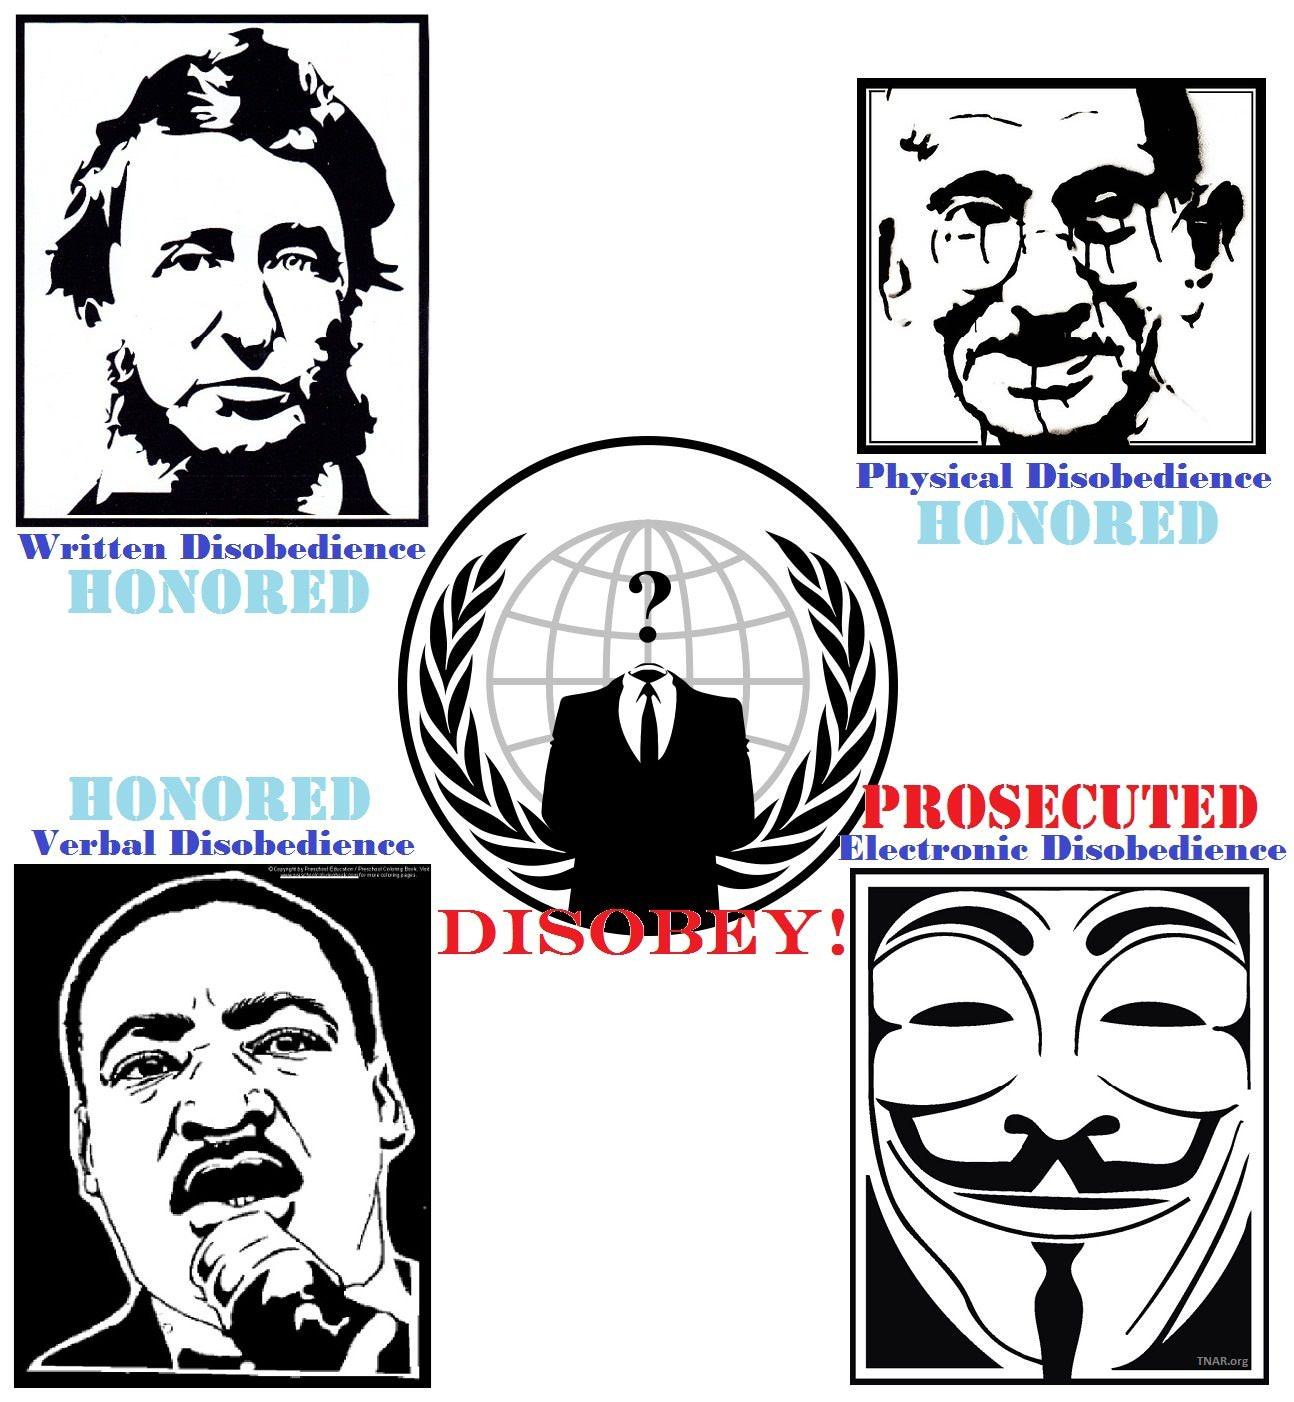 #TotD: Civil Disobedience